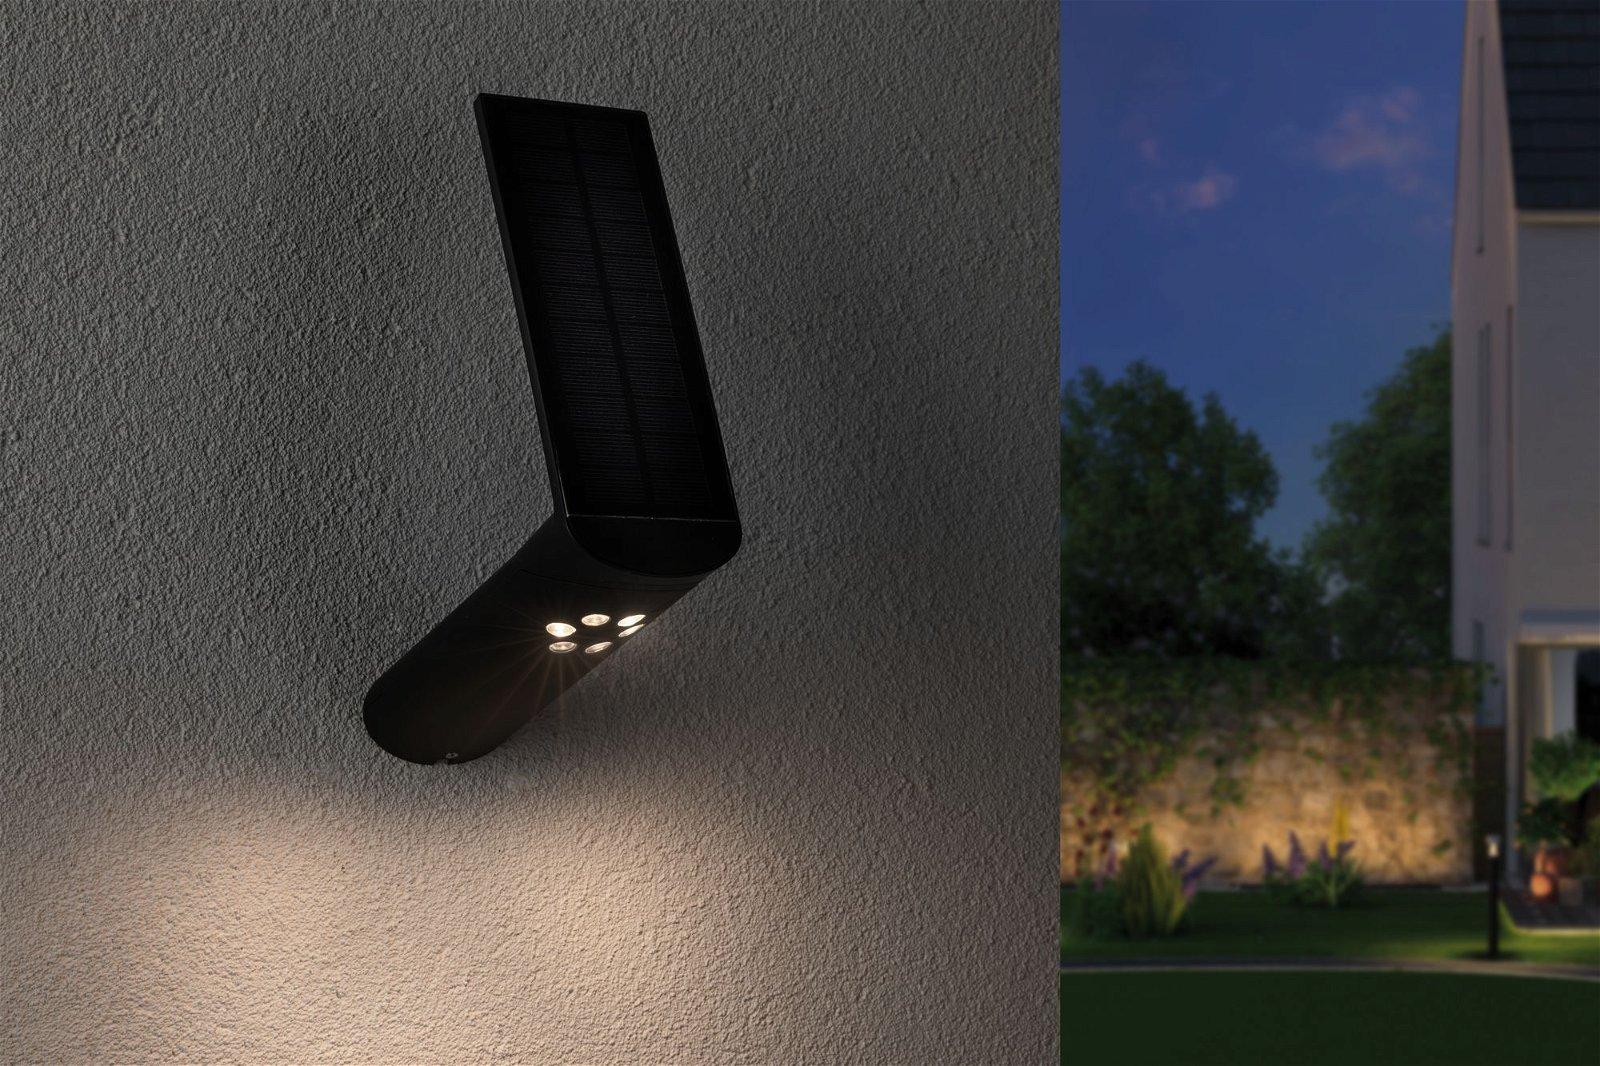 Solar LED Außenwandleuchte Ilias Bewegungsmelder IP44 3000K 115lm Anthrazit